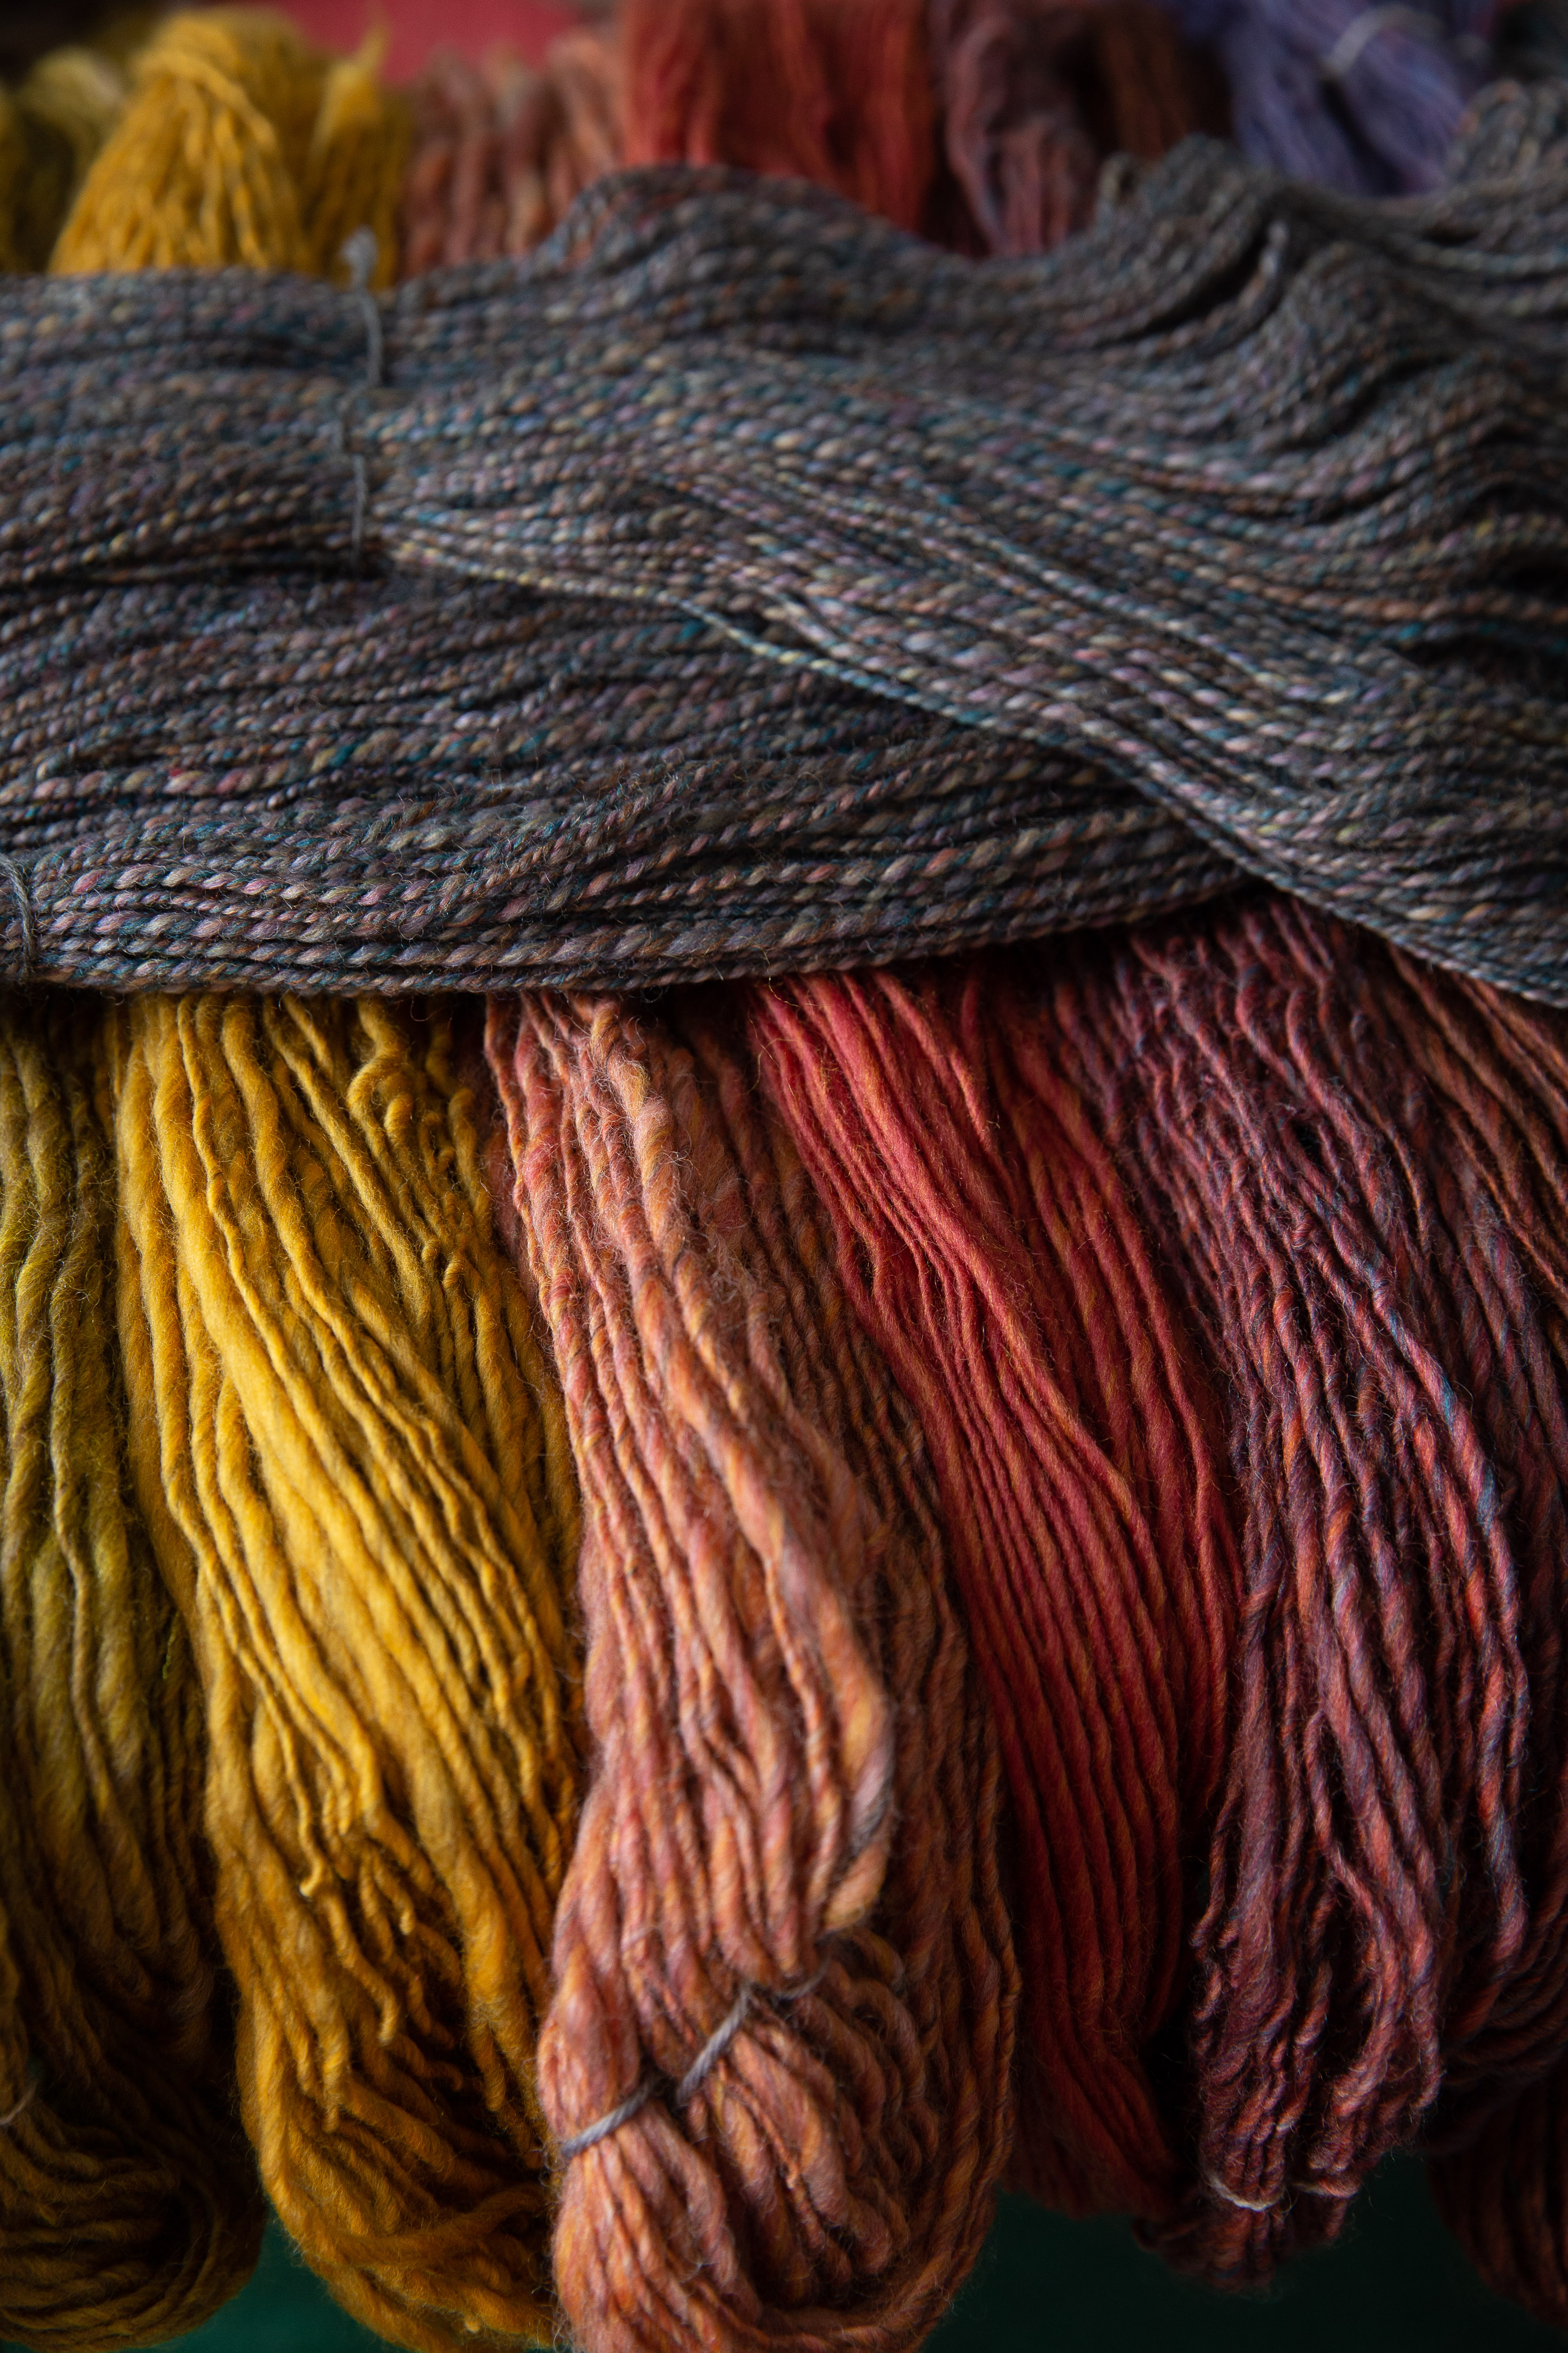 colourful handspun yarn